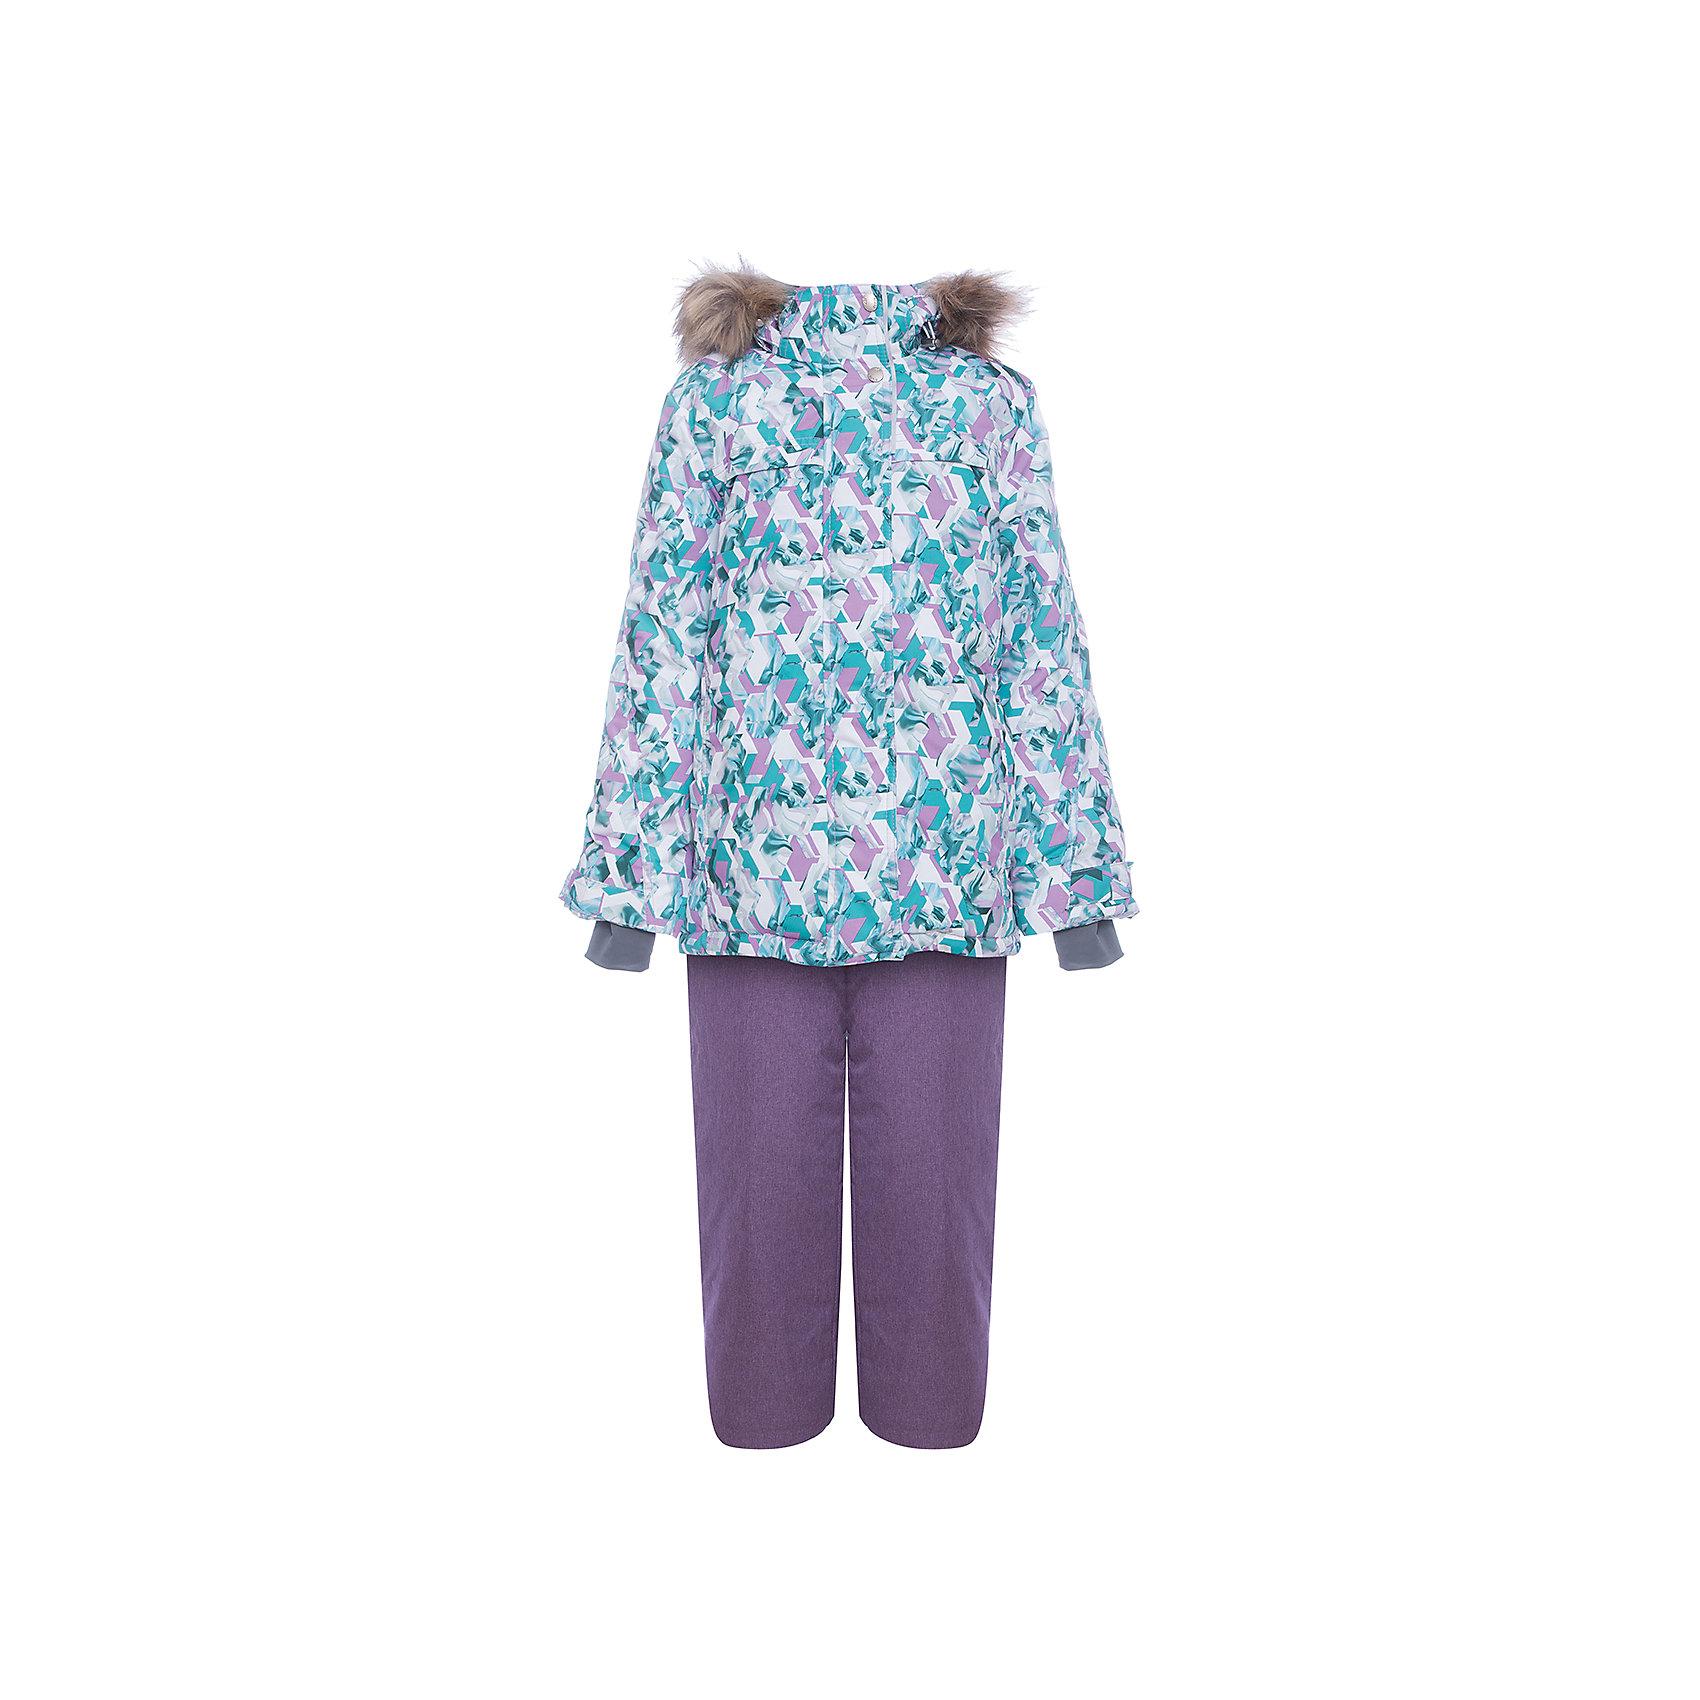 Комплект: куртка и полукомбенизон Герда Batik для девочкиВерхняя одежда<br>Характеристики товара:<br><br>• цвет: фиолетовый<br>• комплектация: куртка и полукомбинезон <br>• состав ткани: таслан<br>• подкладка: поларфлис<br>• утеплитель: слайтекс, синтепон <br>• сезон: зима<br>• мембранное покрытие<br>• температурный режим: от -35 до 0<br>• водонепроницаемость: 5000 мм <br>• паропроницаемость: 5000 г/м2<br>• плотность утеплителя: куртка - 350 г/м2, полукомбинезон - 200 г/м2<br>• застежка: молния<br>• капюшон: с мехом, отстегивается<br>• встроенный термодатчик<br>• страна бренда: Россия<br>• страна изготовитель: Россия<br><br>Верх мембранного комплекта плотный, подкладка детского комплекта для зимы приятная на ощупь и мягкая. Такой мембранный комплект Batik для девочки дополнен элементами, обеспечивающими тепло и комфорт. Капюшон, карманы, молния - всё это делает зимний комплект очень удобным. <br><br>Комплект: куртка и полукомбинезон Герда Batik (Батик) для девочки можно купить в нашем интернет-магазине.<br><br>Ширина мм: 356<br>Глубина мм: 10<br>Высота мм: 245<br>Вес г: 519<br>Цвет: лиловый<br>Возраст от месяцев: 144<br>Возраст до месяцев: 156<br>Пол: Женский<br>Возраст: Детский<br>Размер: 158,146,152<br>SKU: 7028156